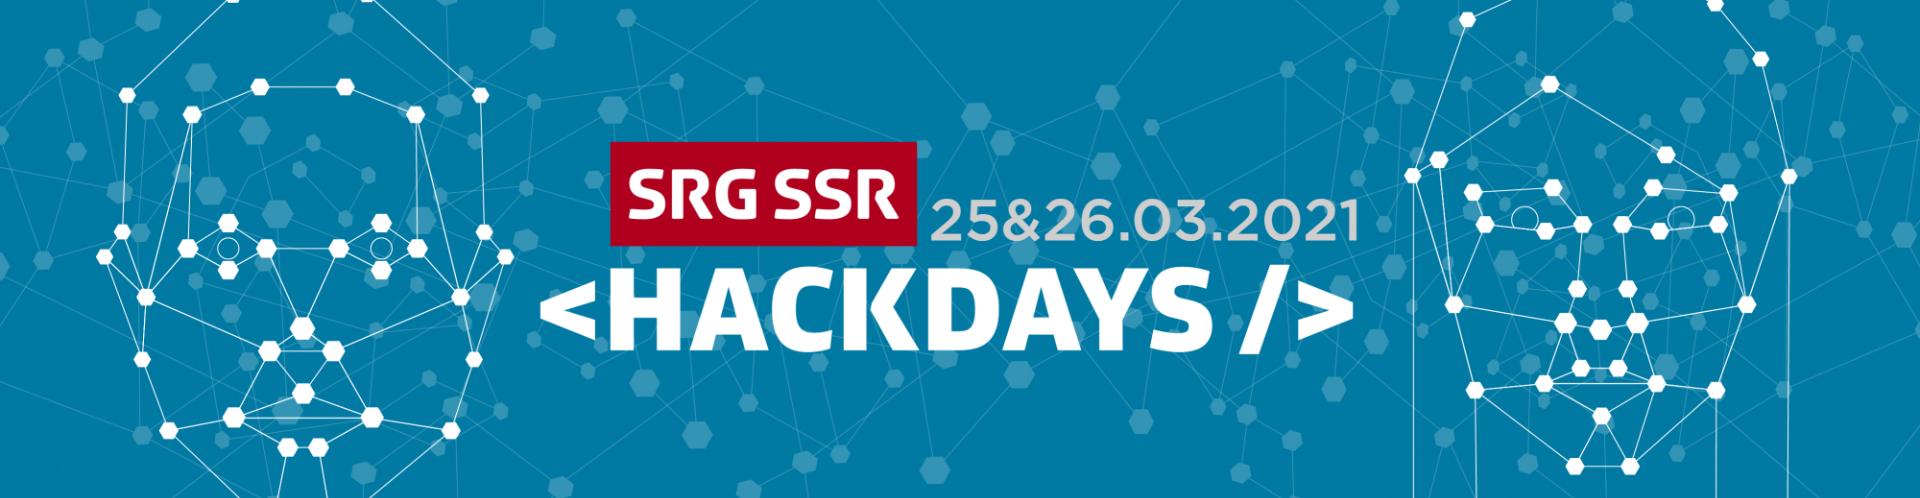 SRG SSR HACKDAYS